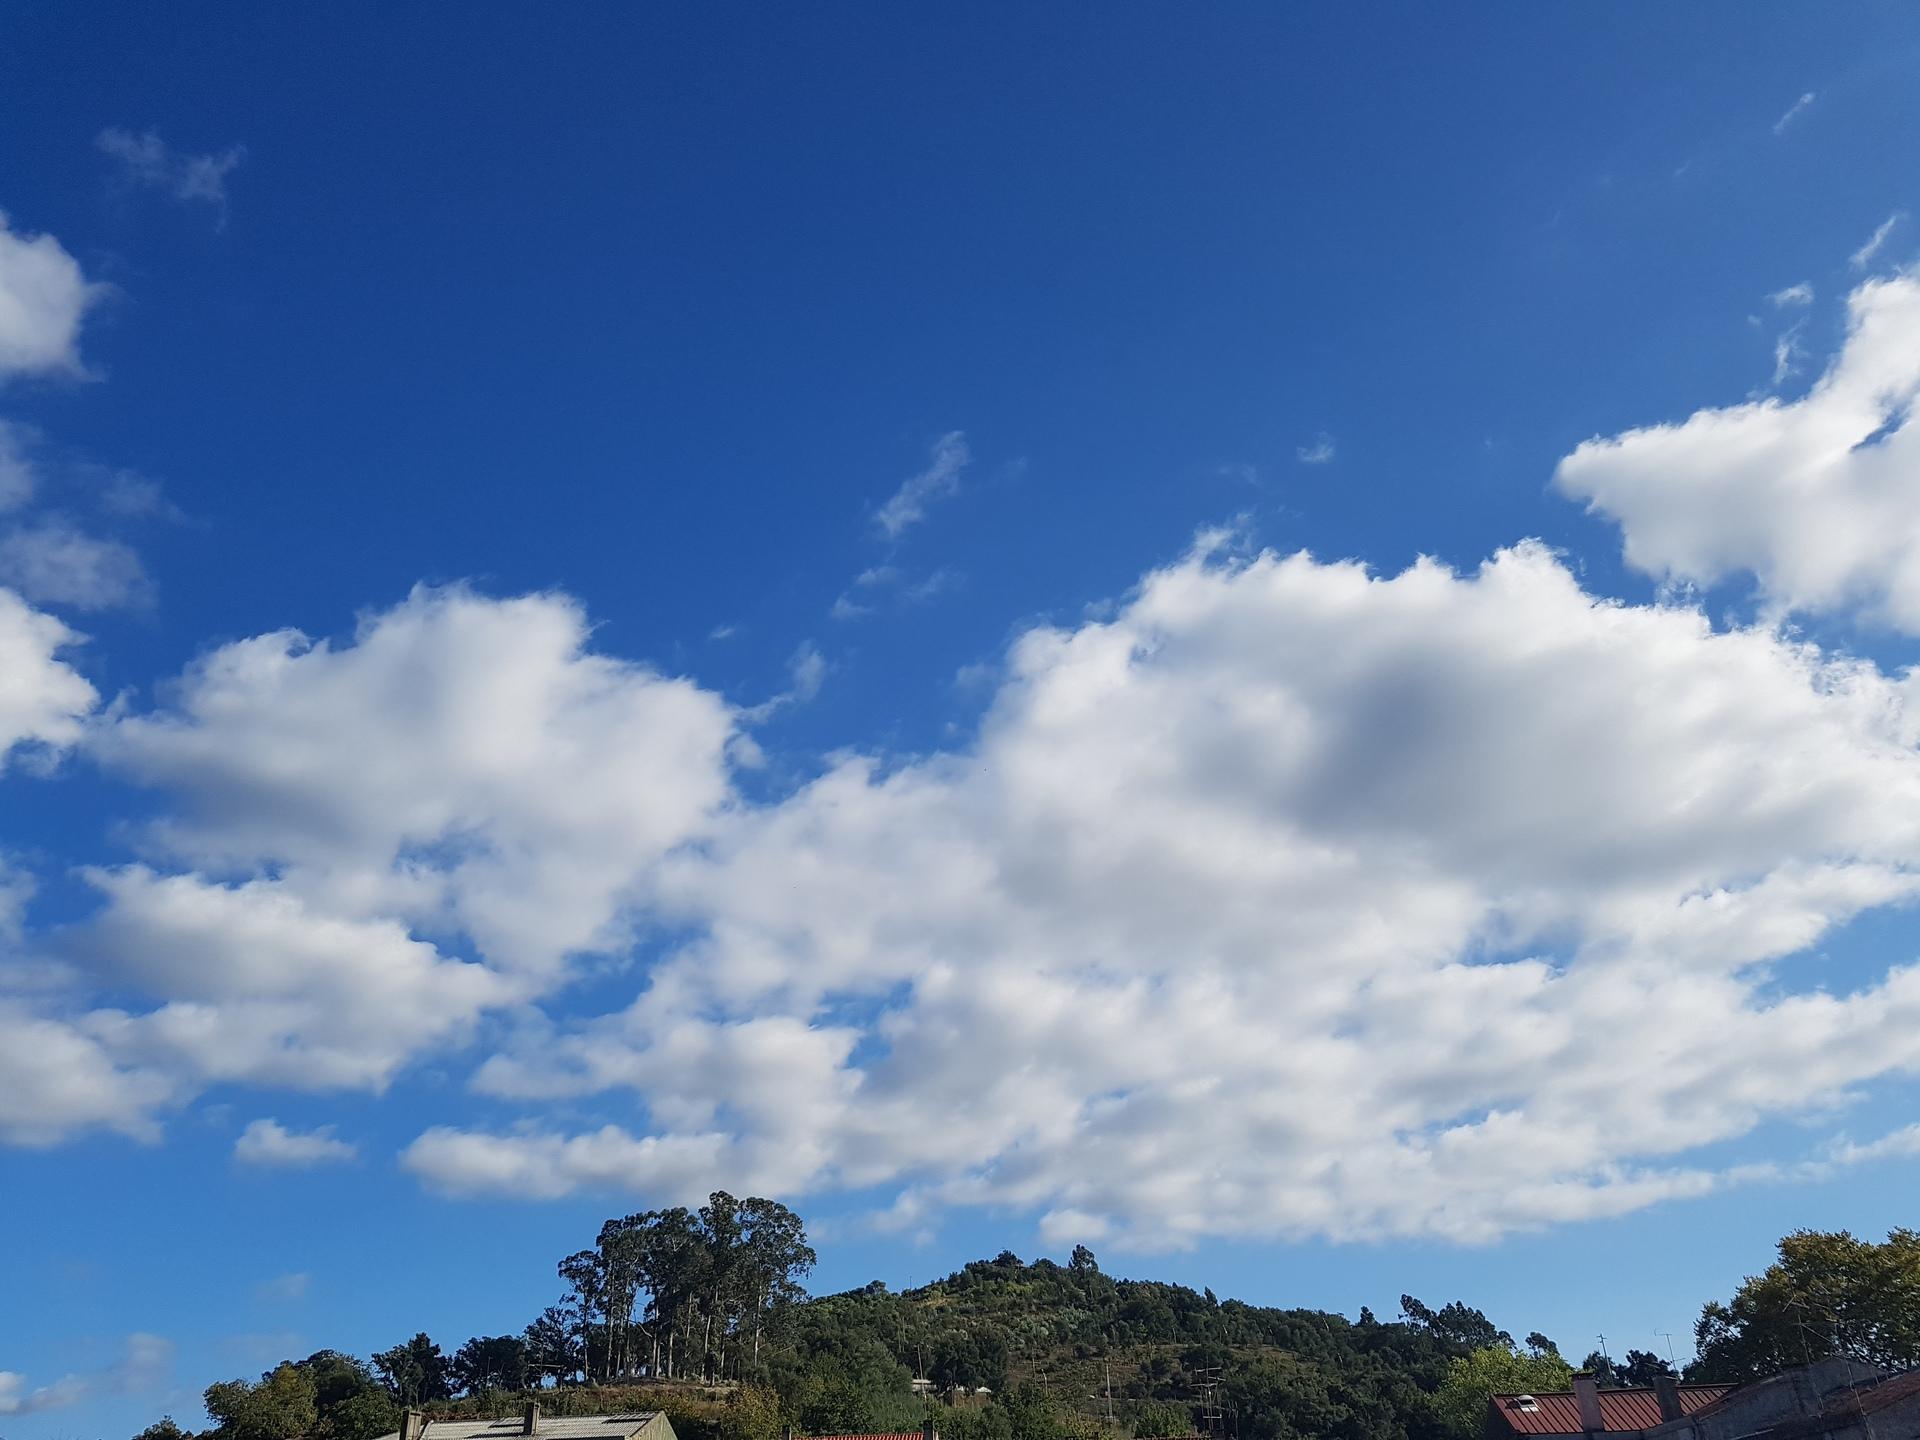 Sky | veraponte, no person, sky, nature